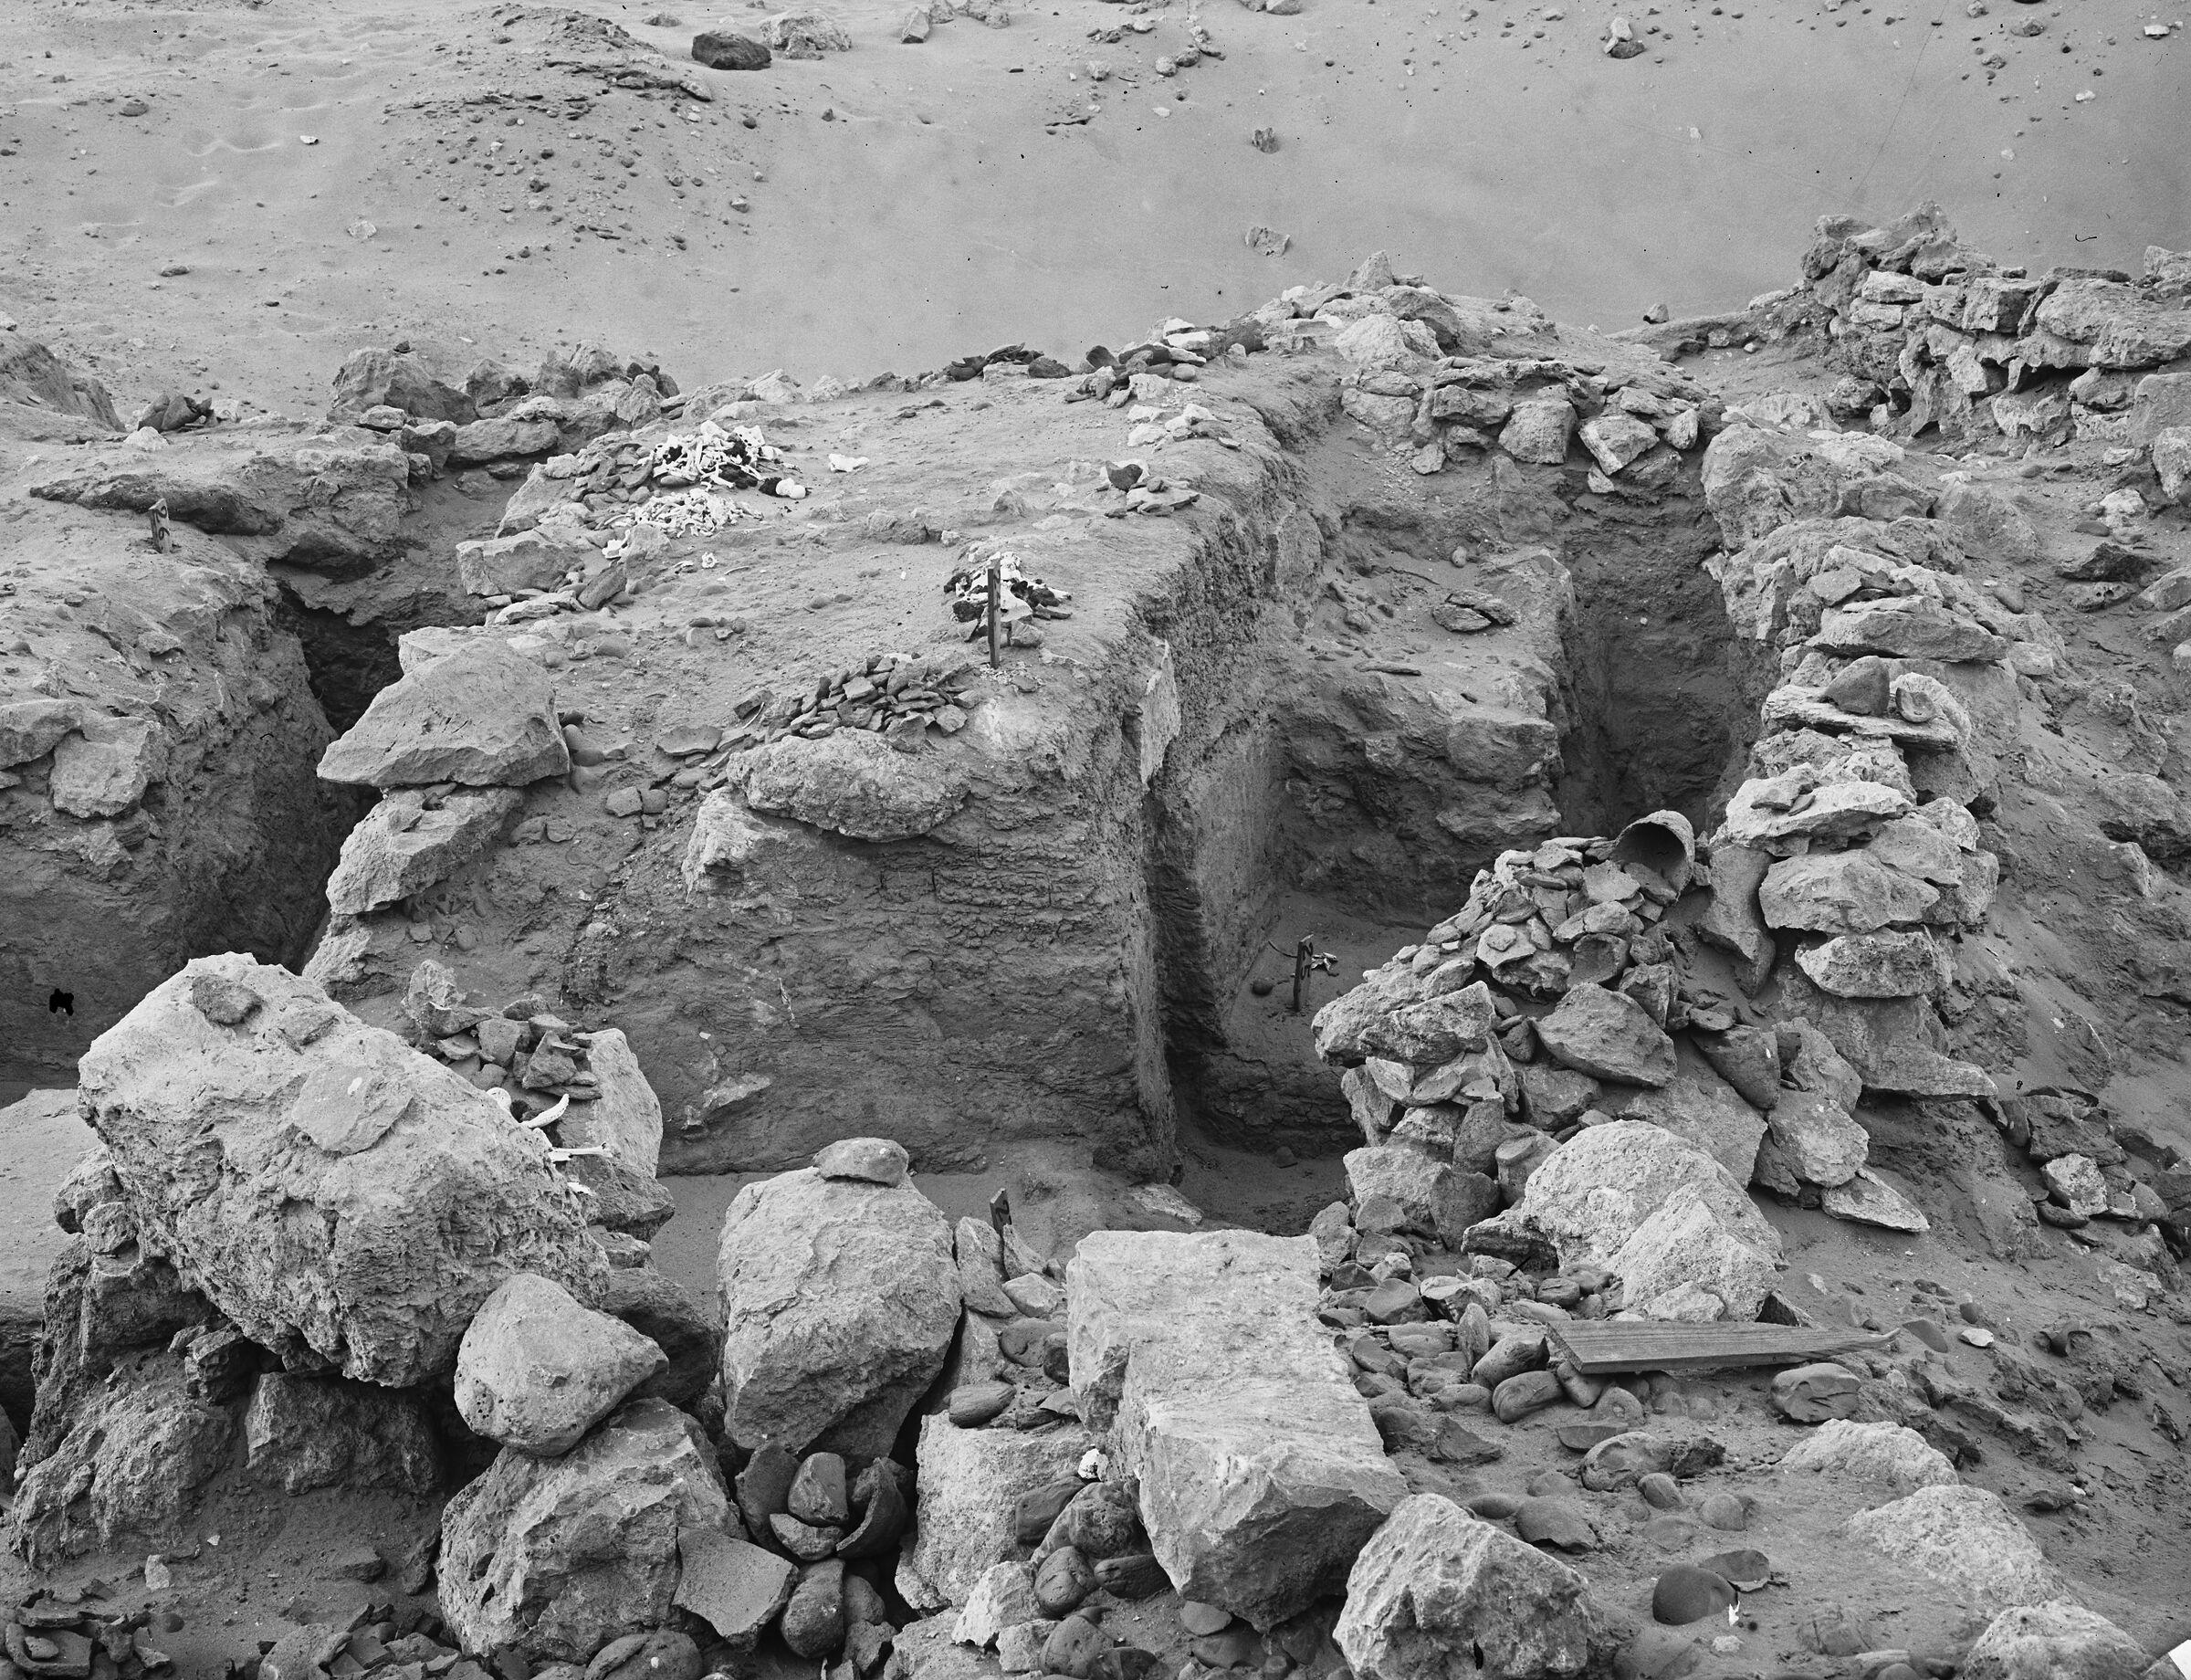 Wadi Cemetery (Reisner; north of W. Cem): Site: Giza; View: GW 23, GW 24, GW 25, GW 26